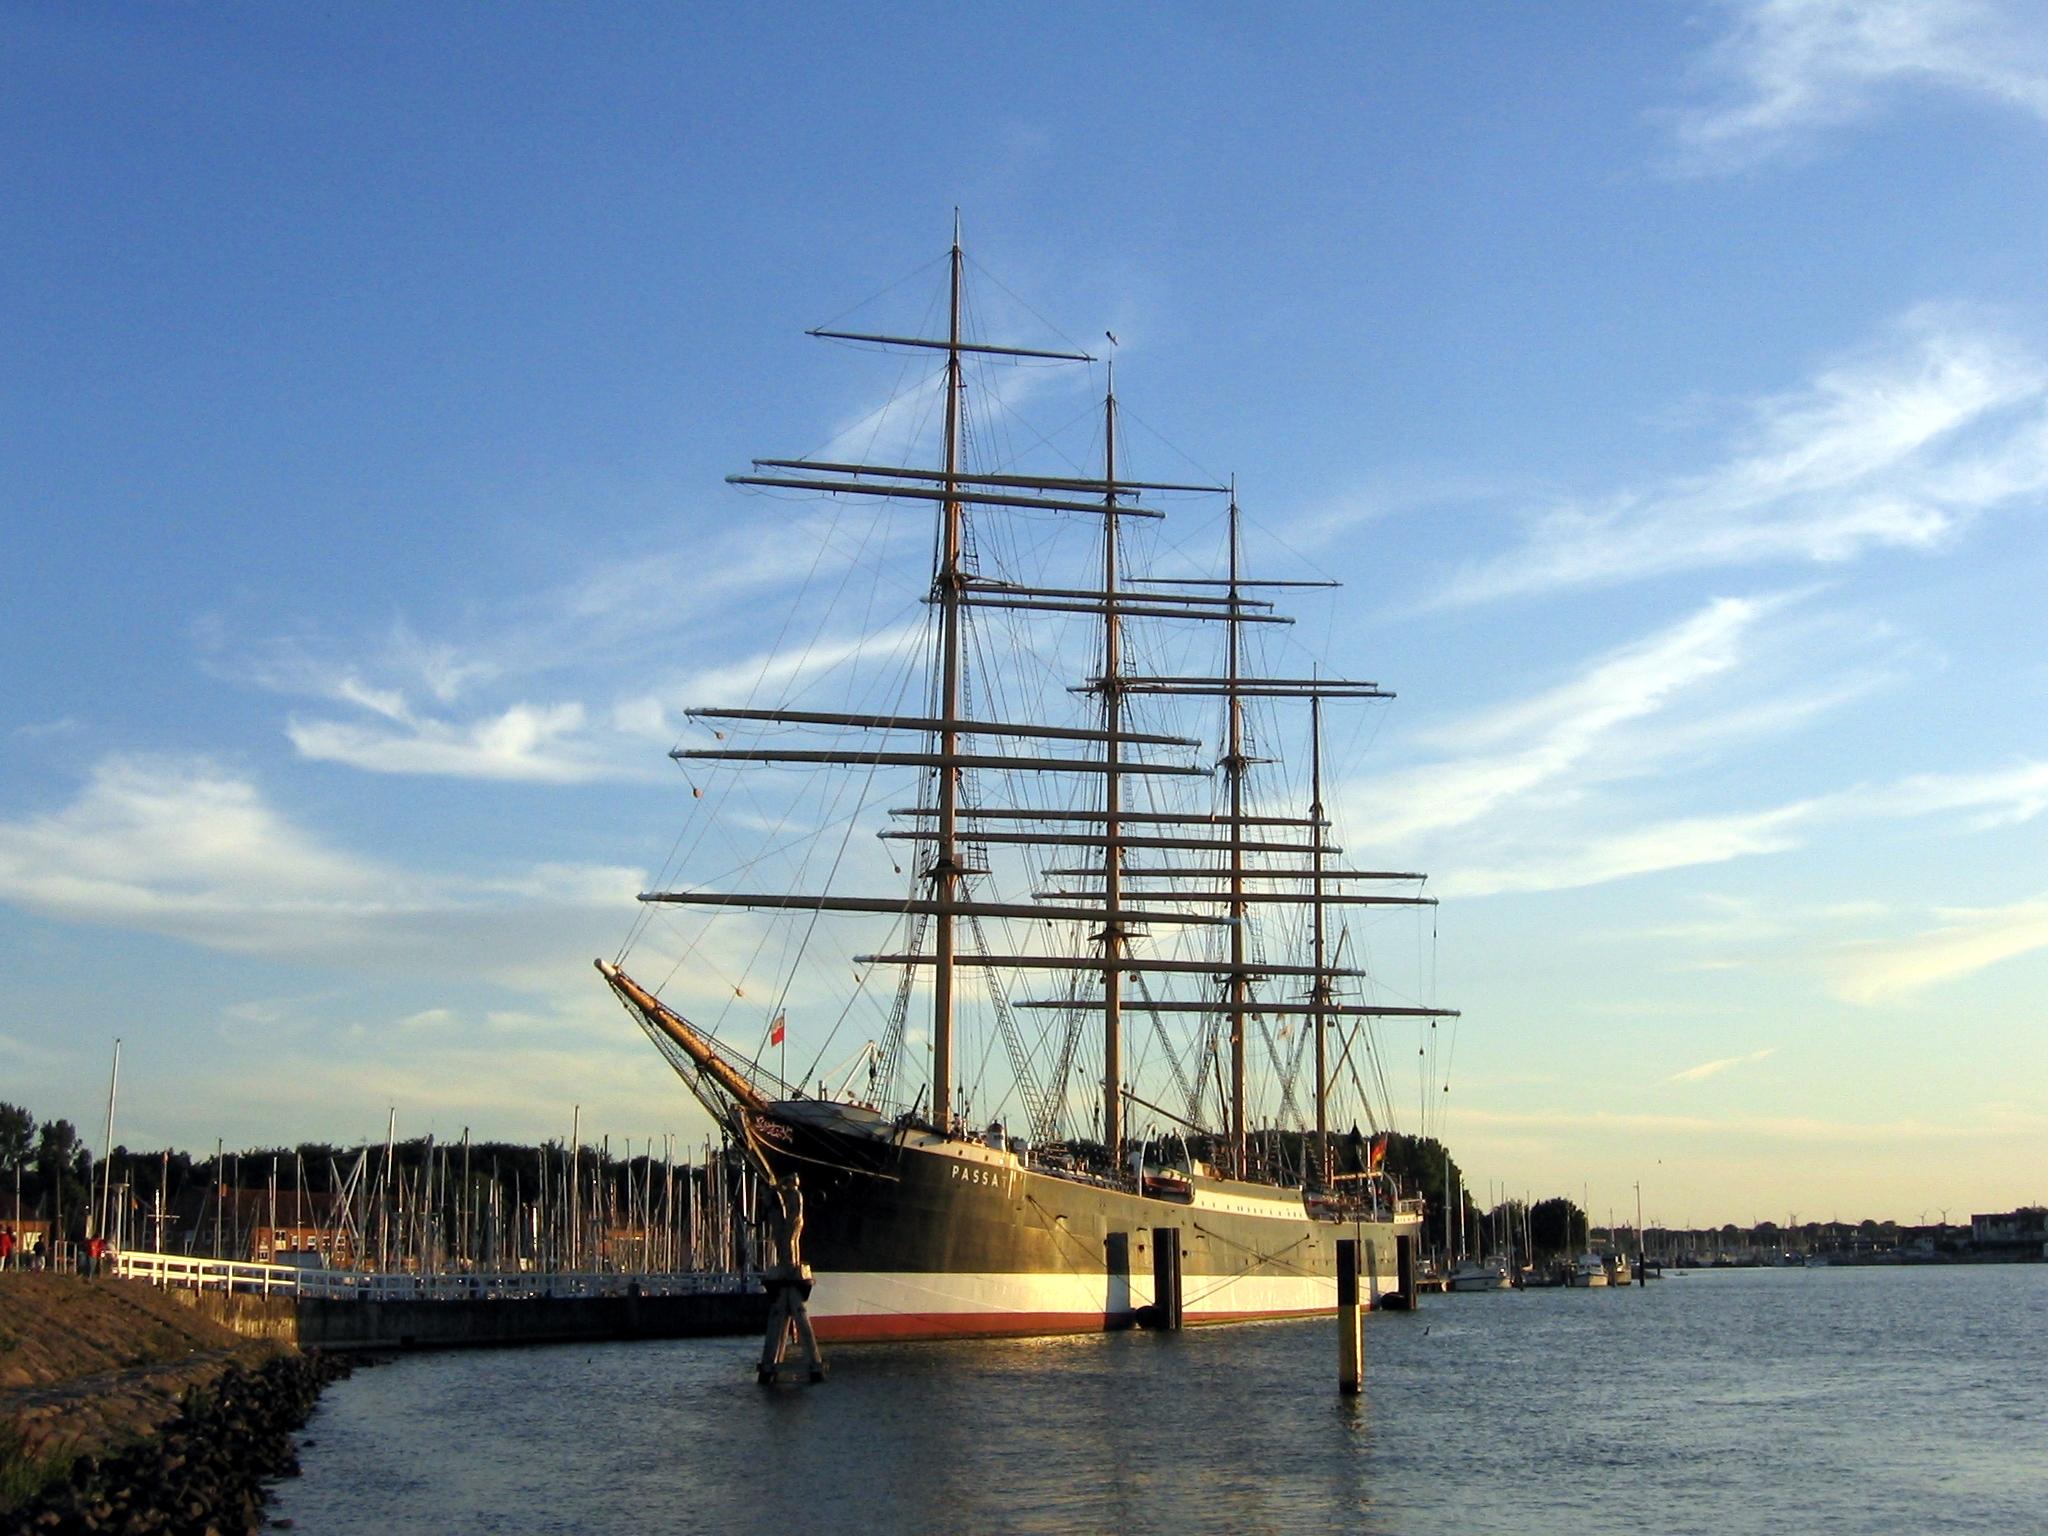 Barque Passat